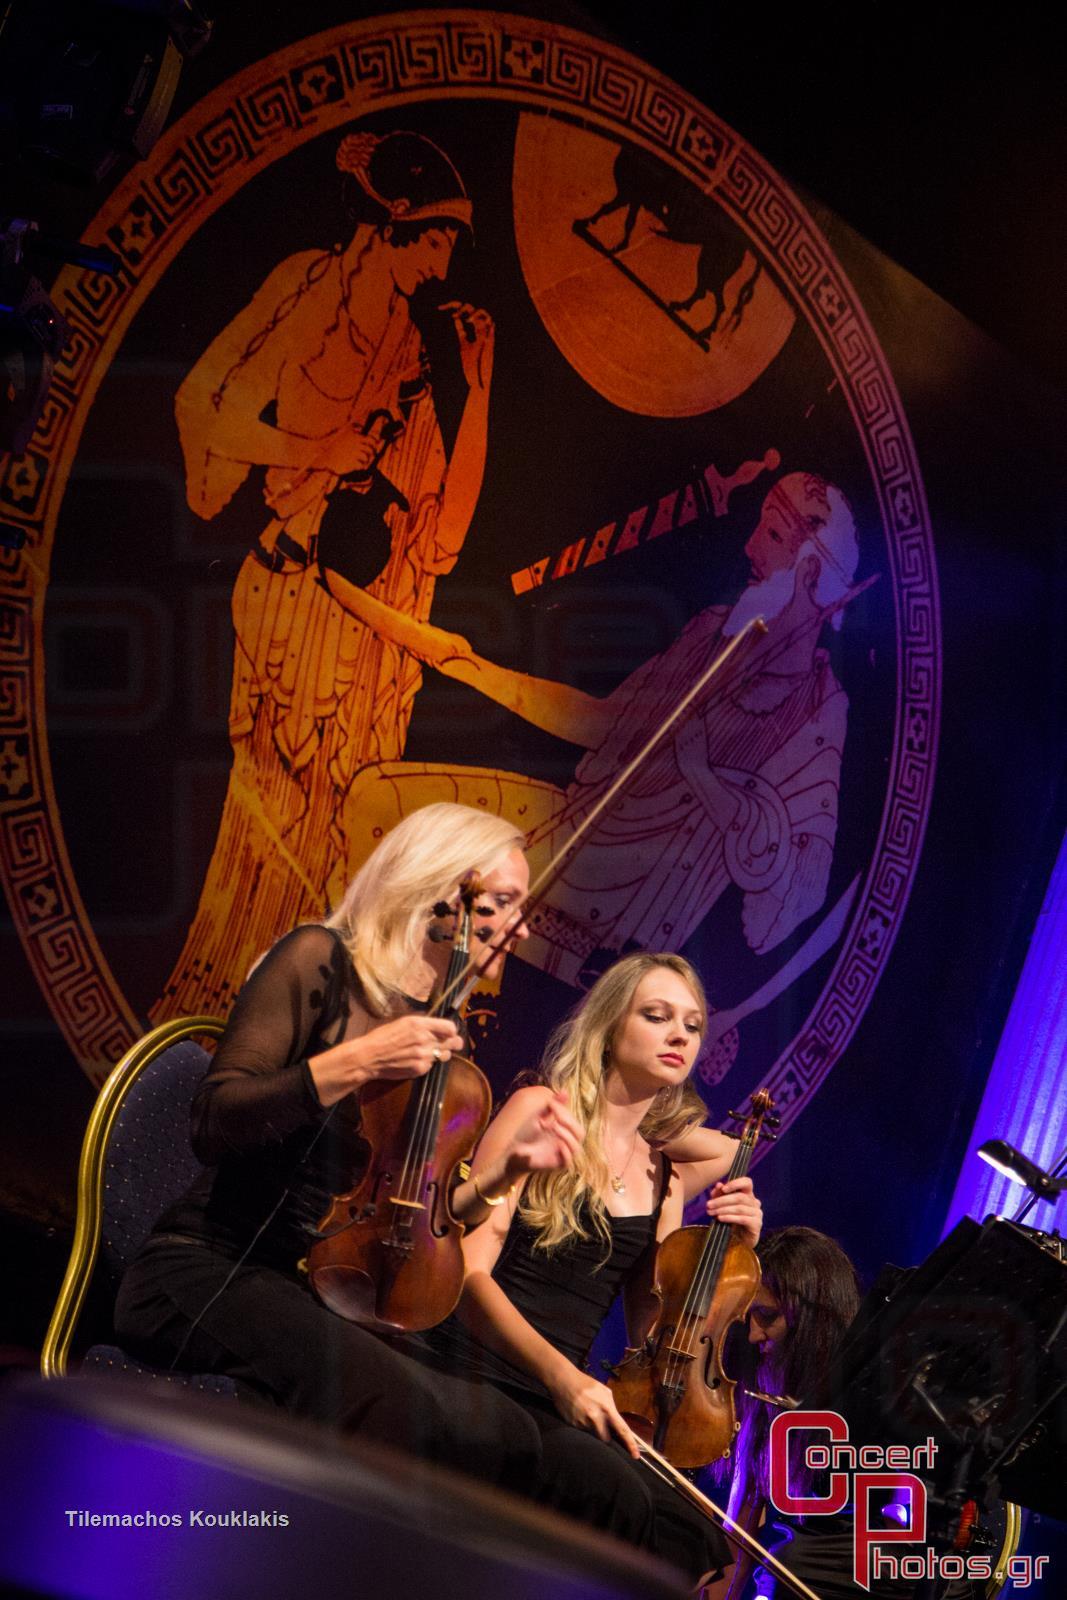 Scorpions-Scorpions photographer: Tilemachos Kouklakis - concertphotos_-6486